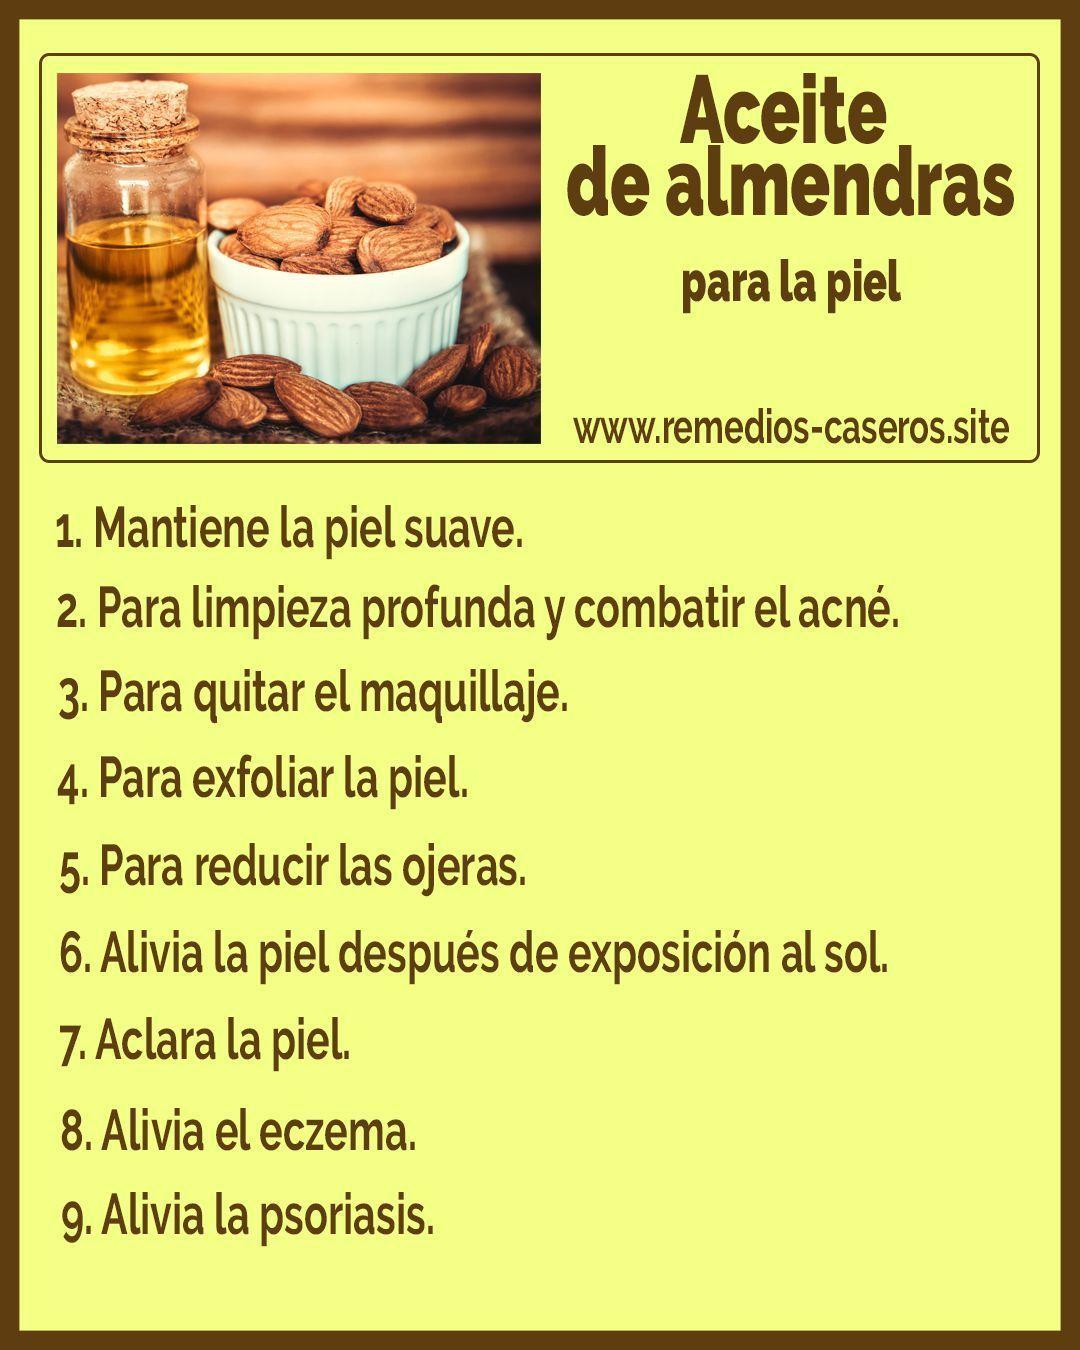 Aceite De Almendras Para La Piel Aceitedealmendras Piel Remedios Naturales Para Dolor De Cabeza Aceite De Almendras Consejos Para La Salud